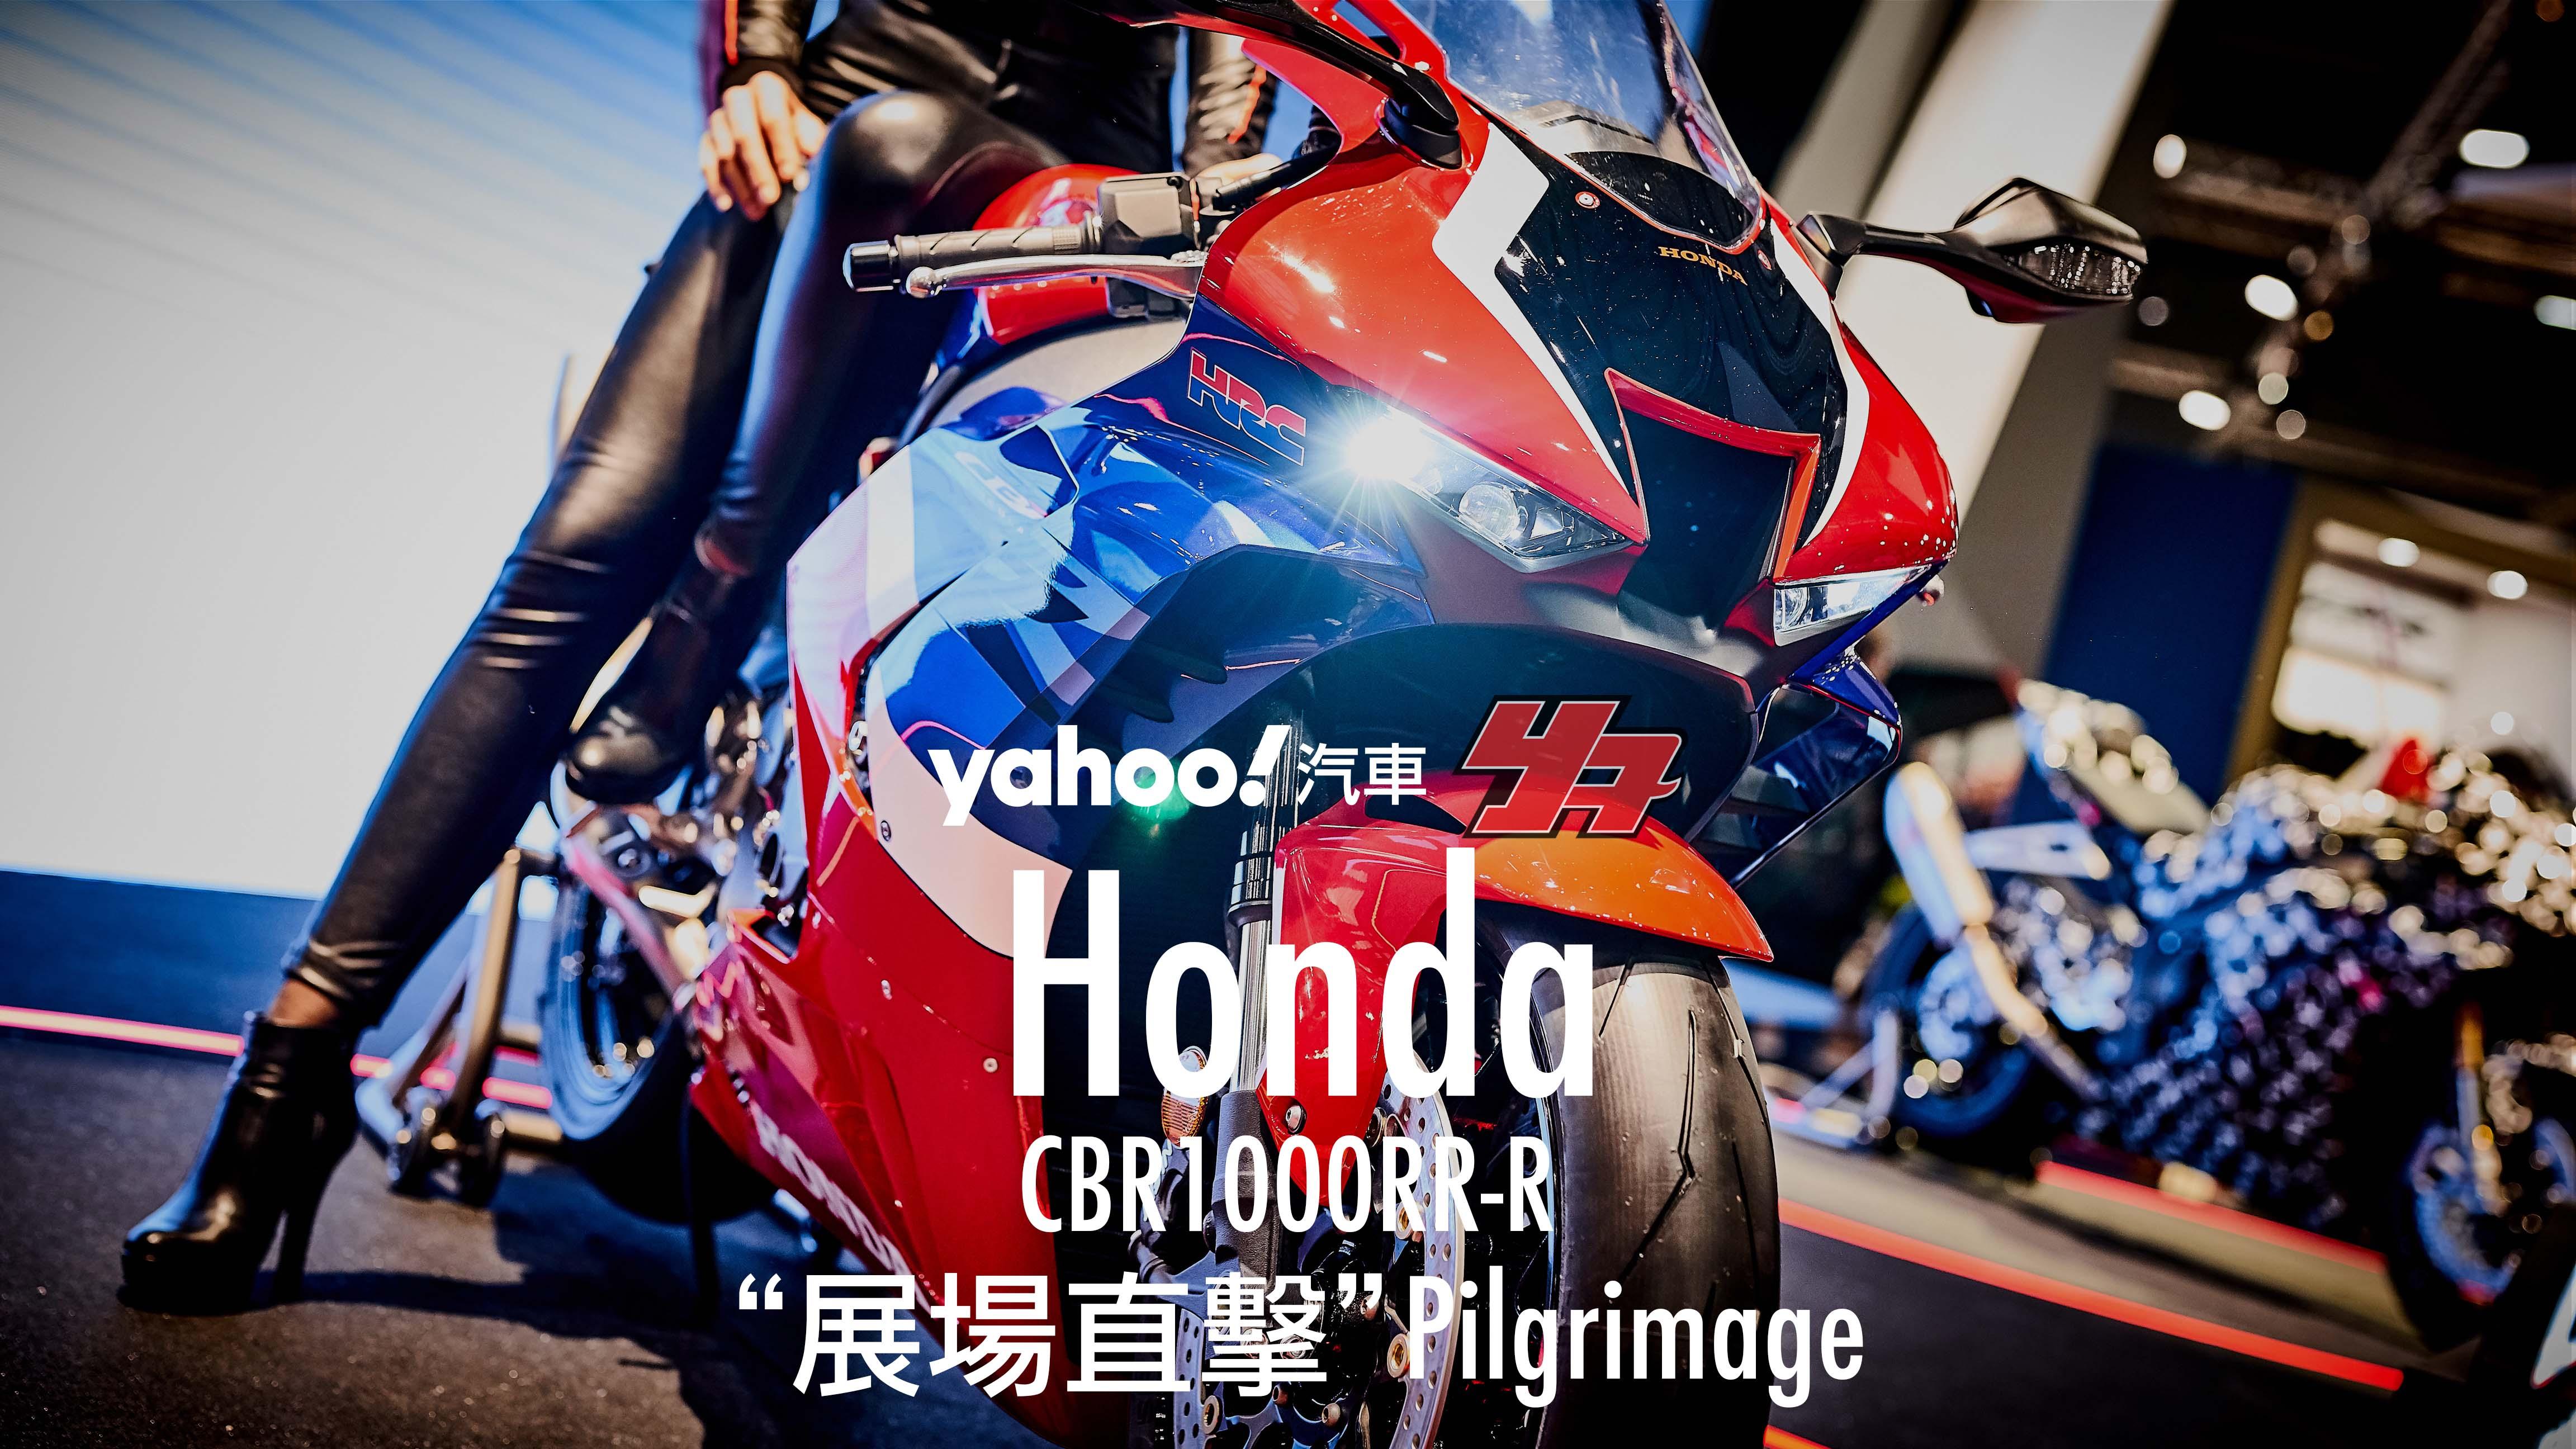 【米蘭車展直擊】賽道本質全面進駐!2020 Honda CBR1000RR-R跑格實力大幅躍進!